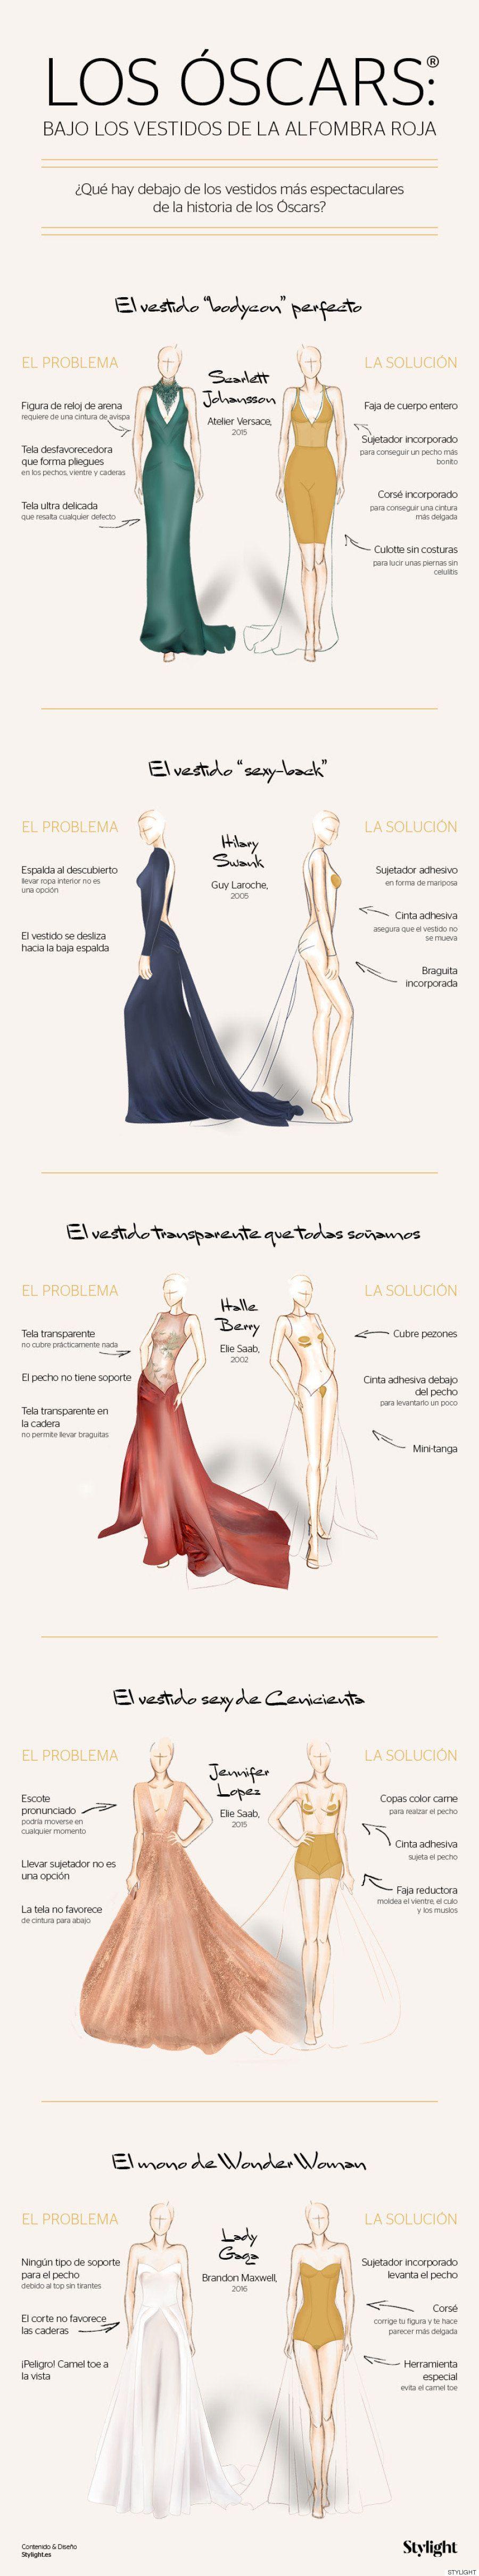 Lo que se esconde bajo los vestidos de los Oscar